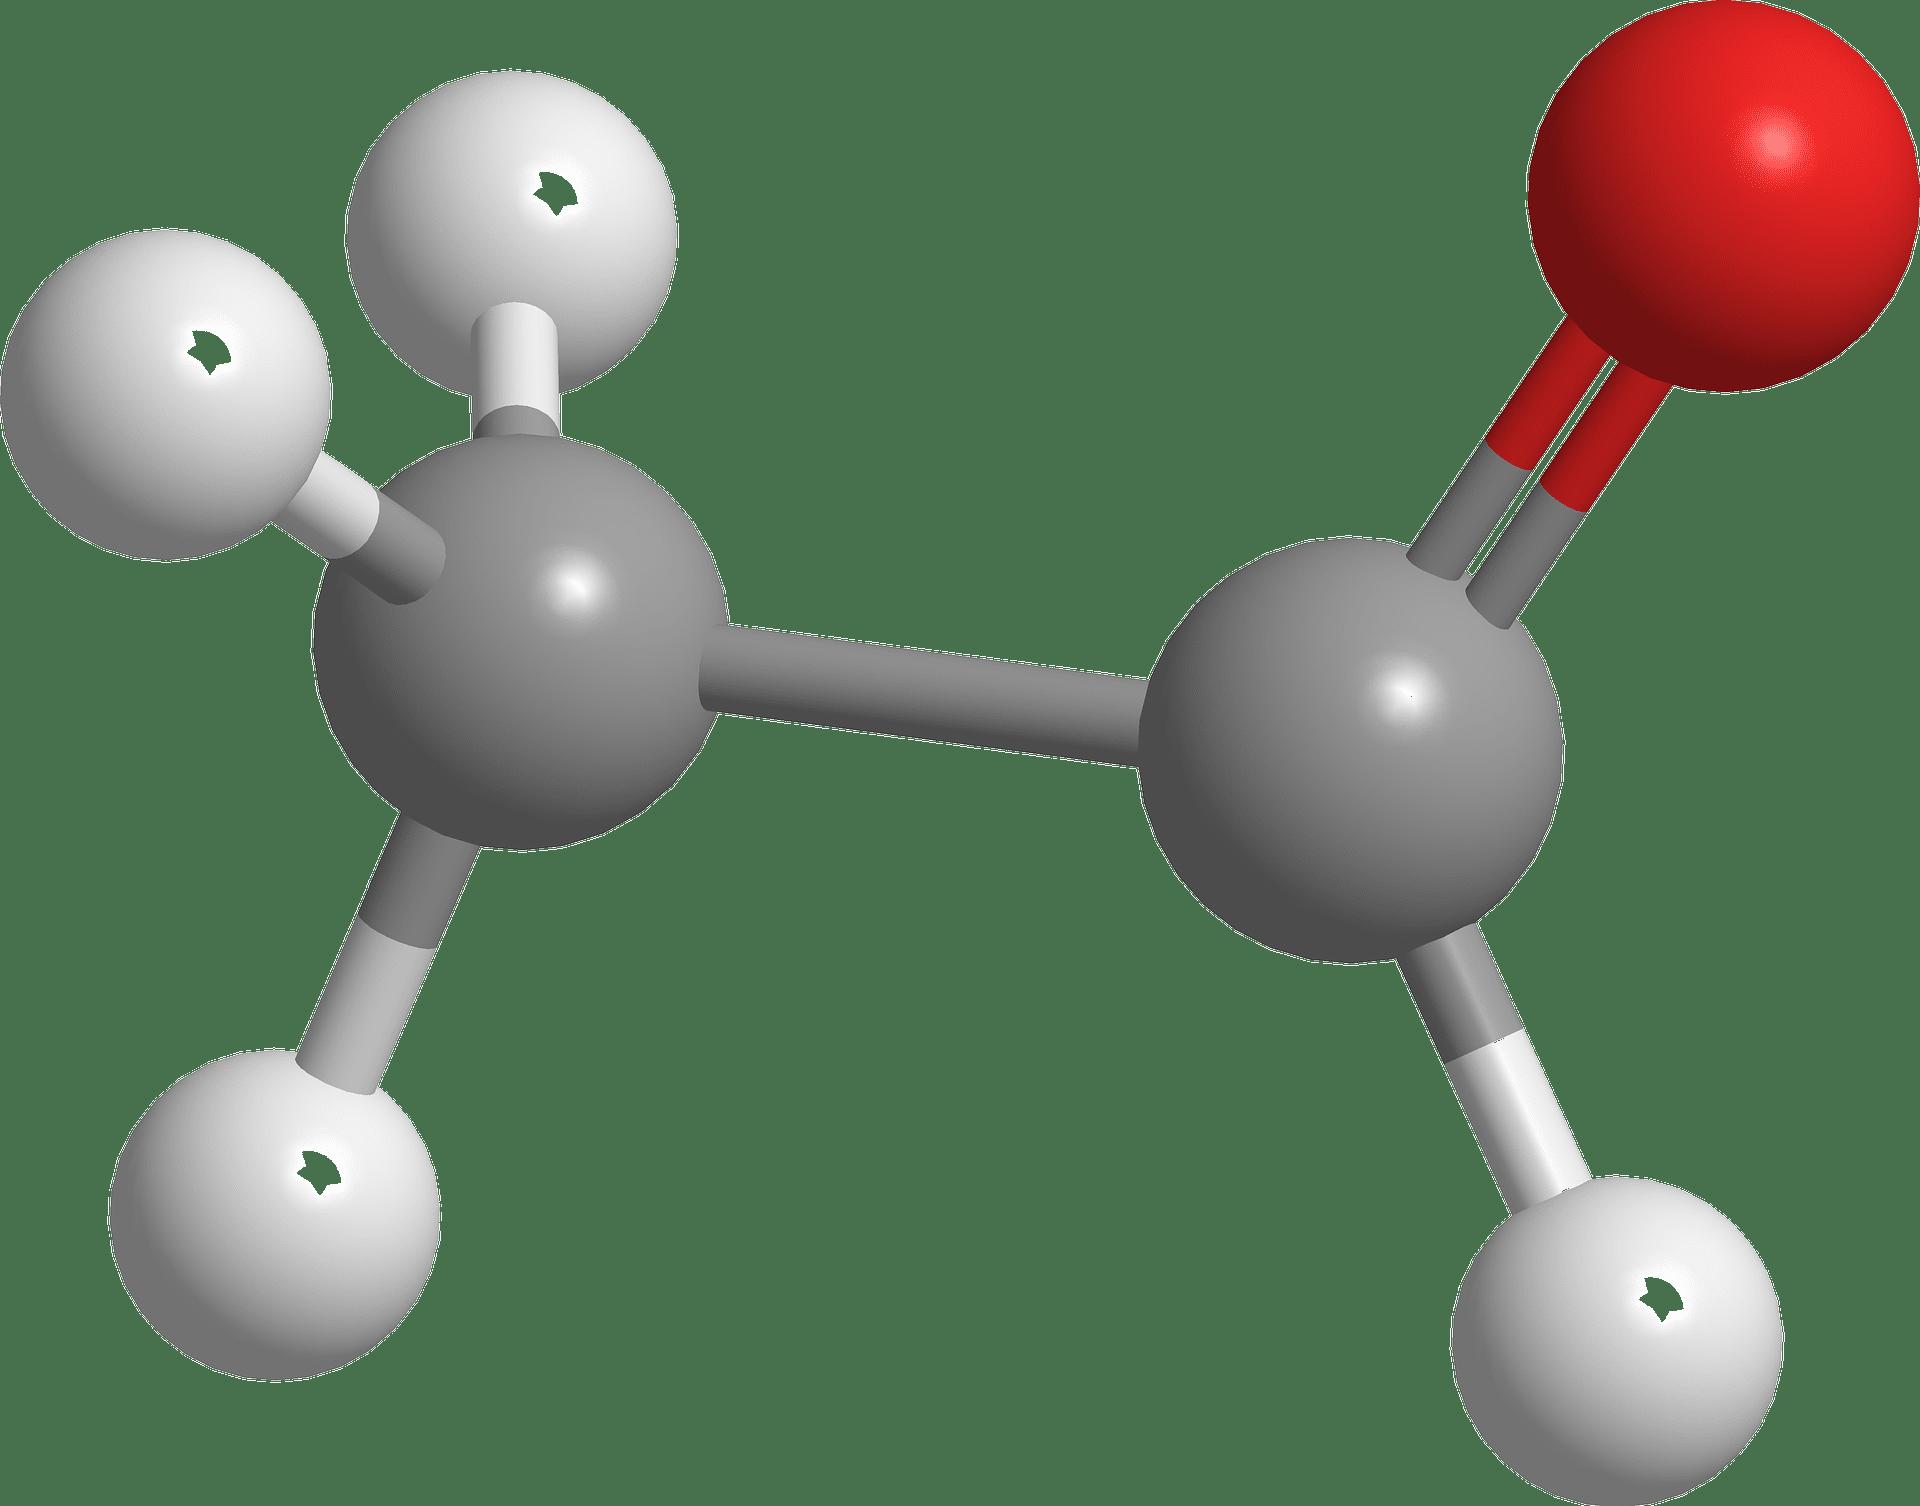 Ozonólise: o que é?